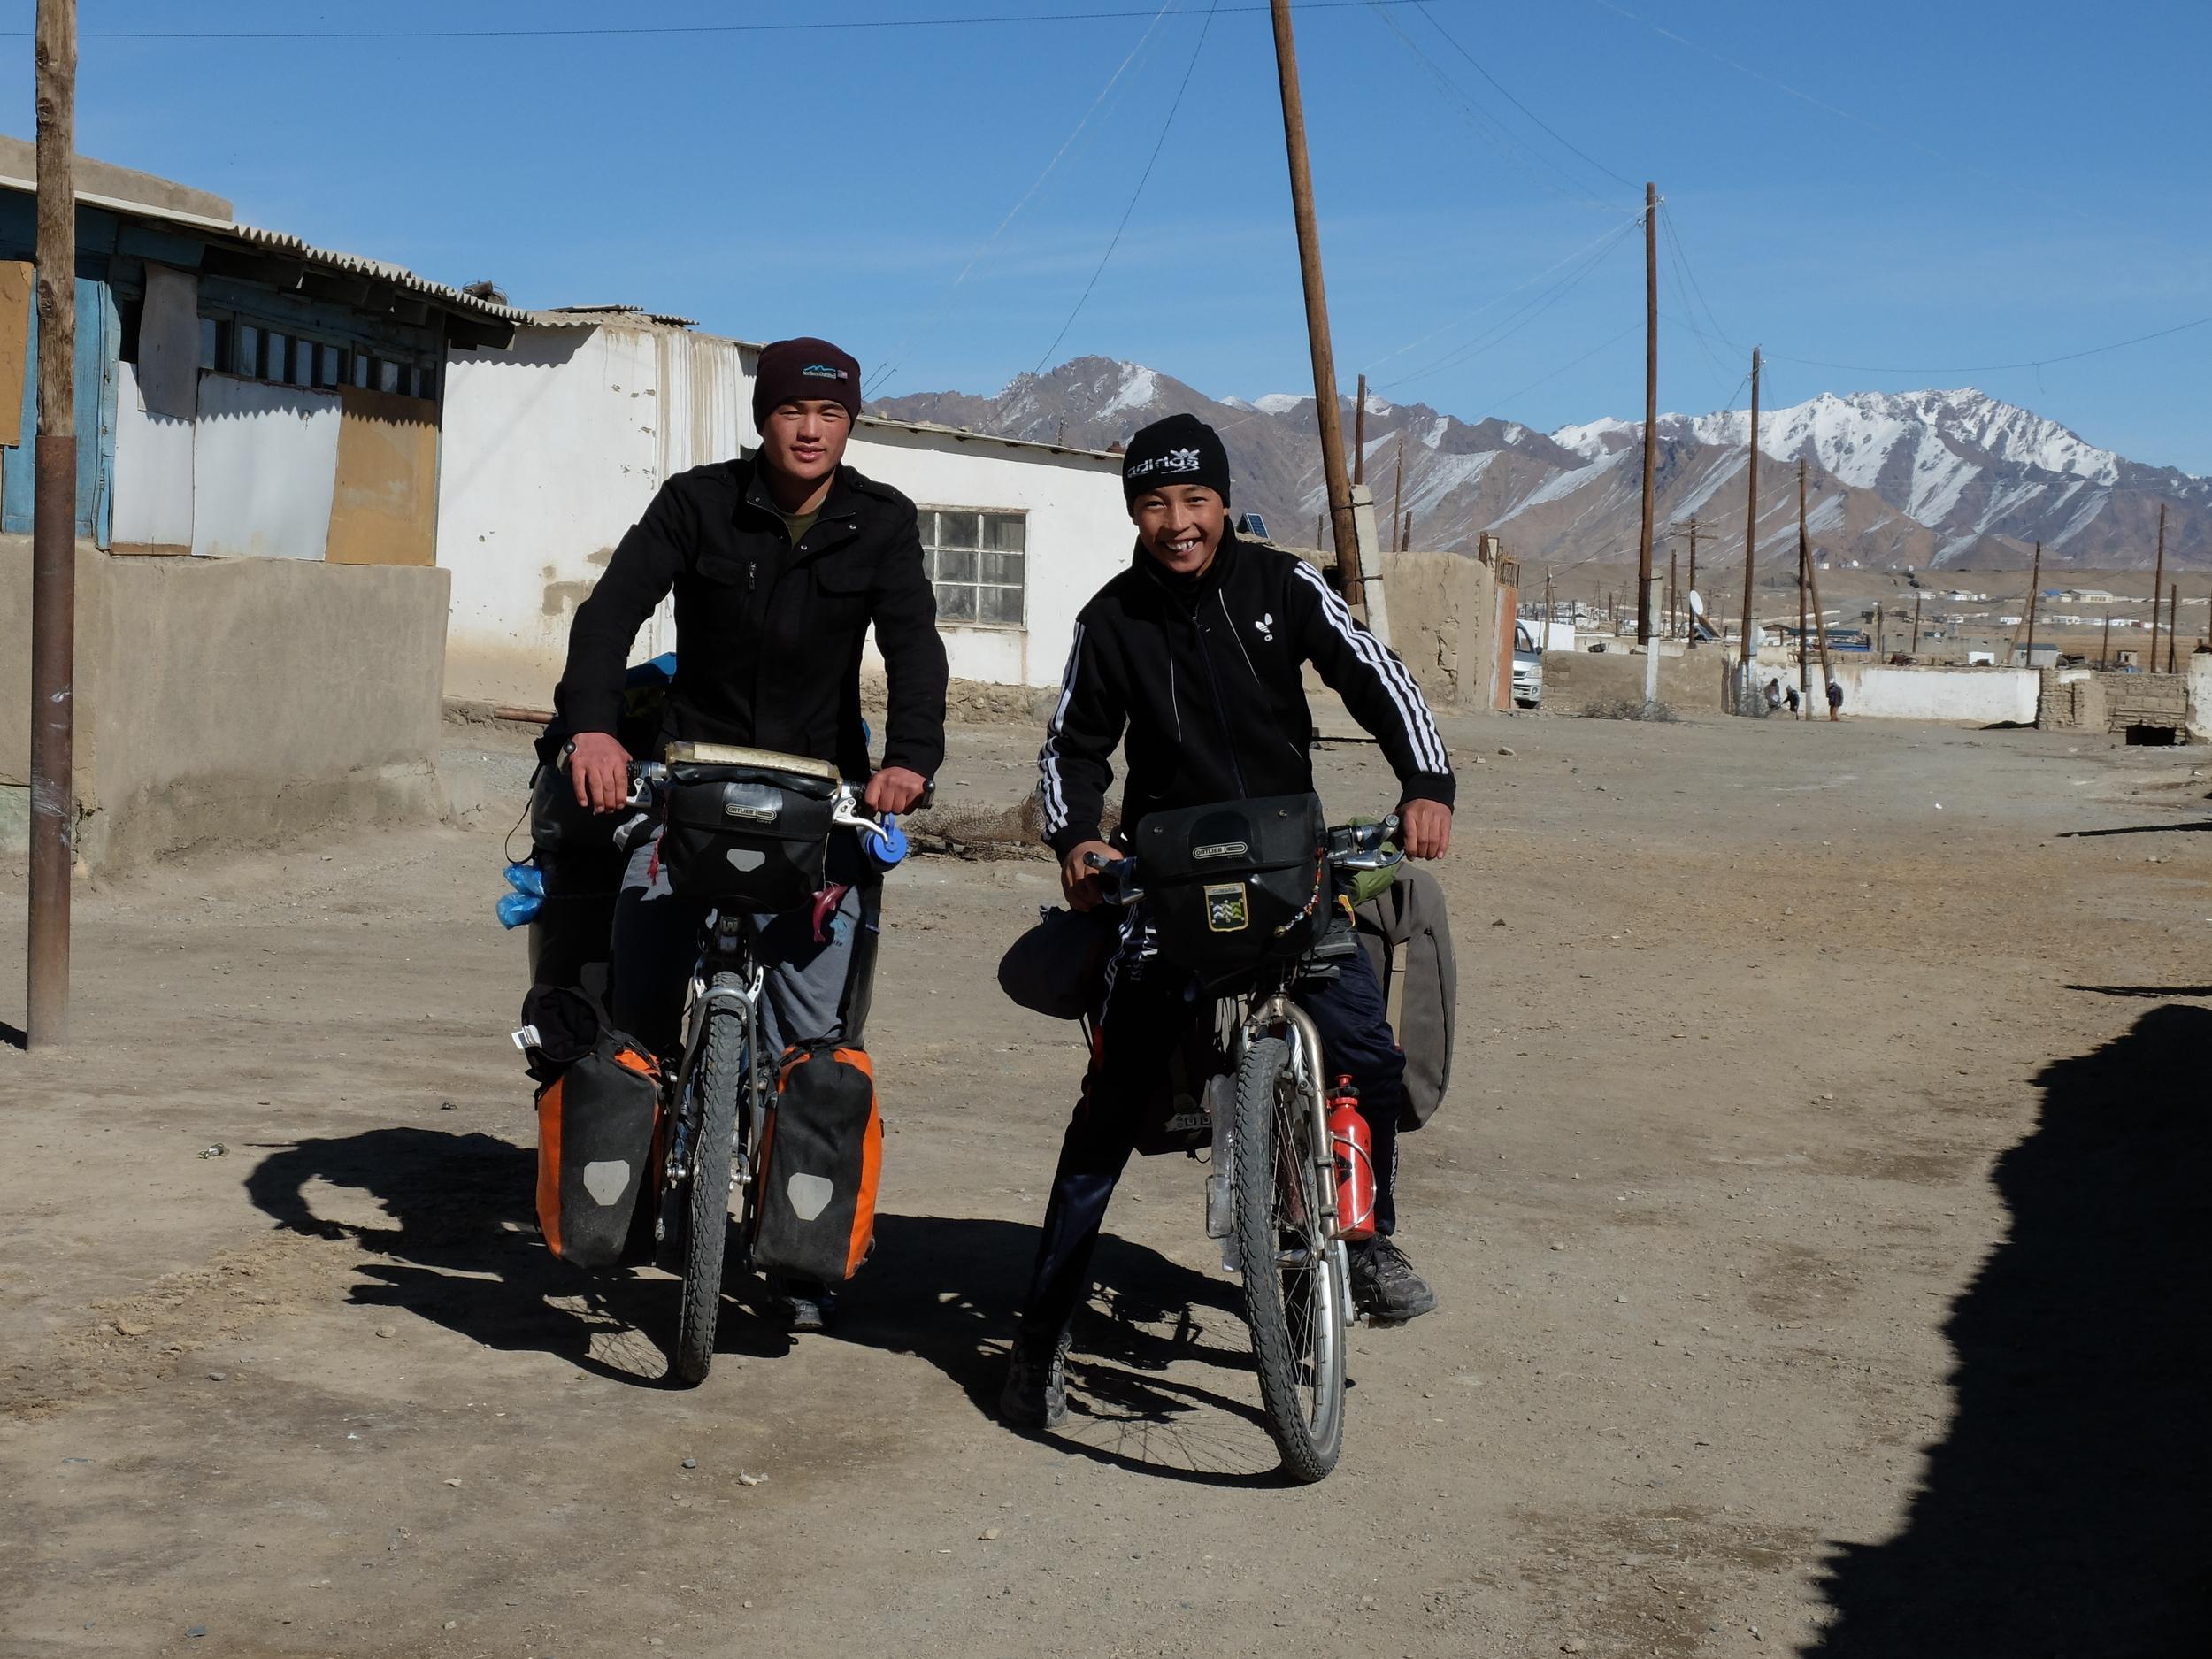 Tajik test pilots